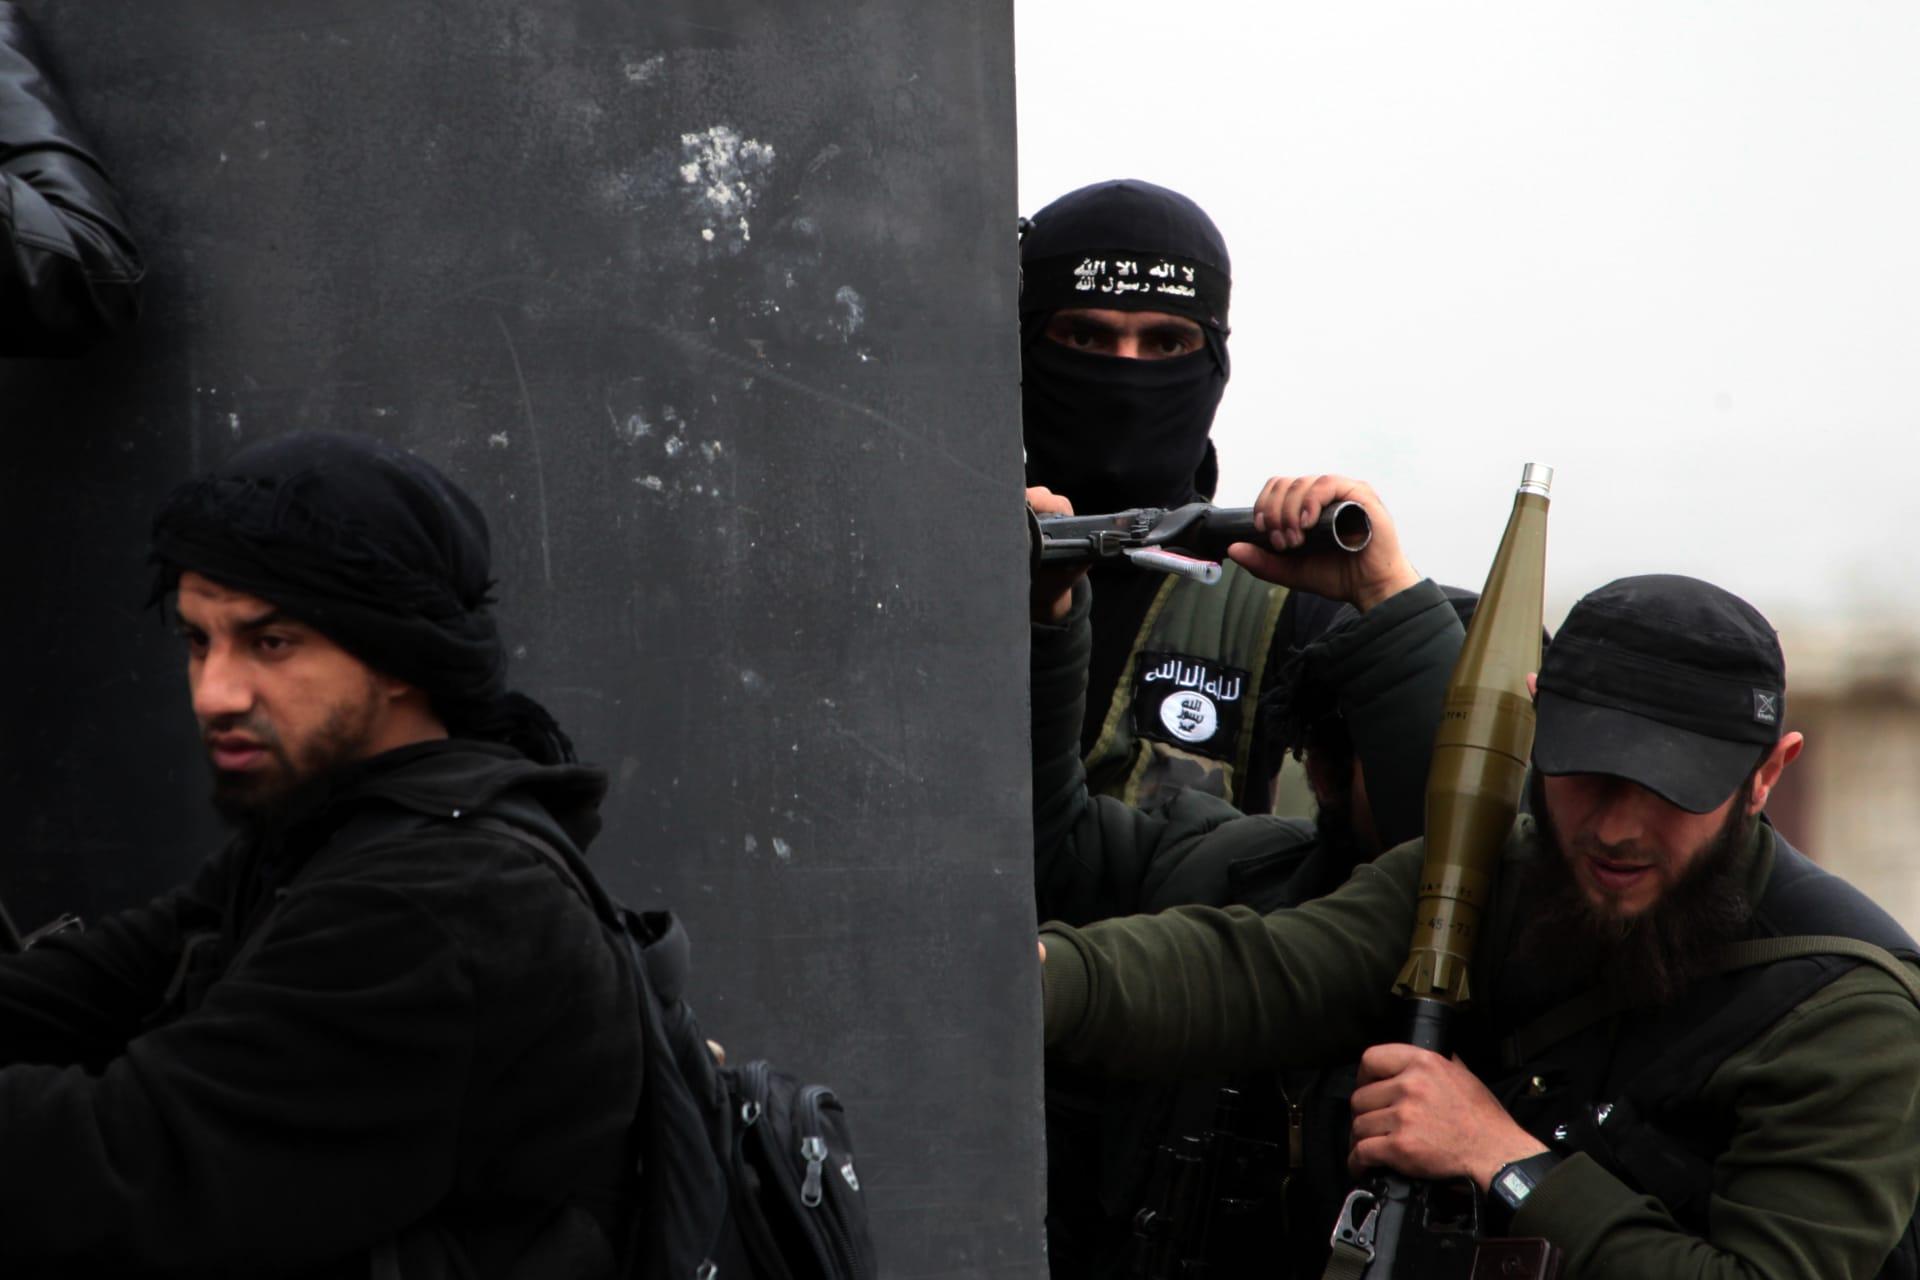 """بعد تقرير اتهمها بتمويل """"جبهة النصرة"""" في سوريا.. قطر تُكذب صحيفة """"ذا تايمز"""" البريطانية"""